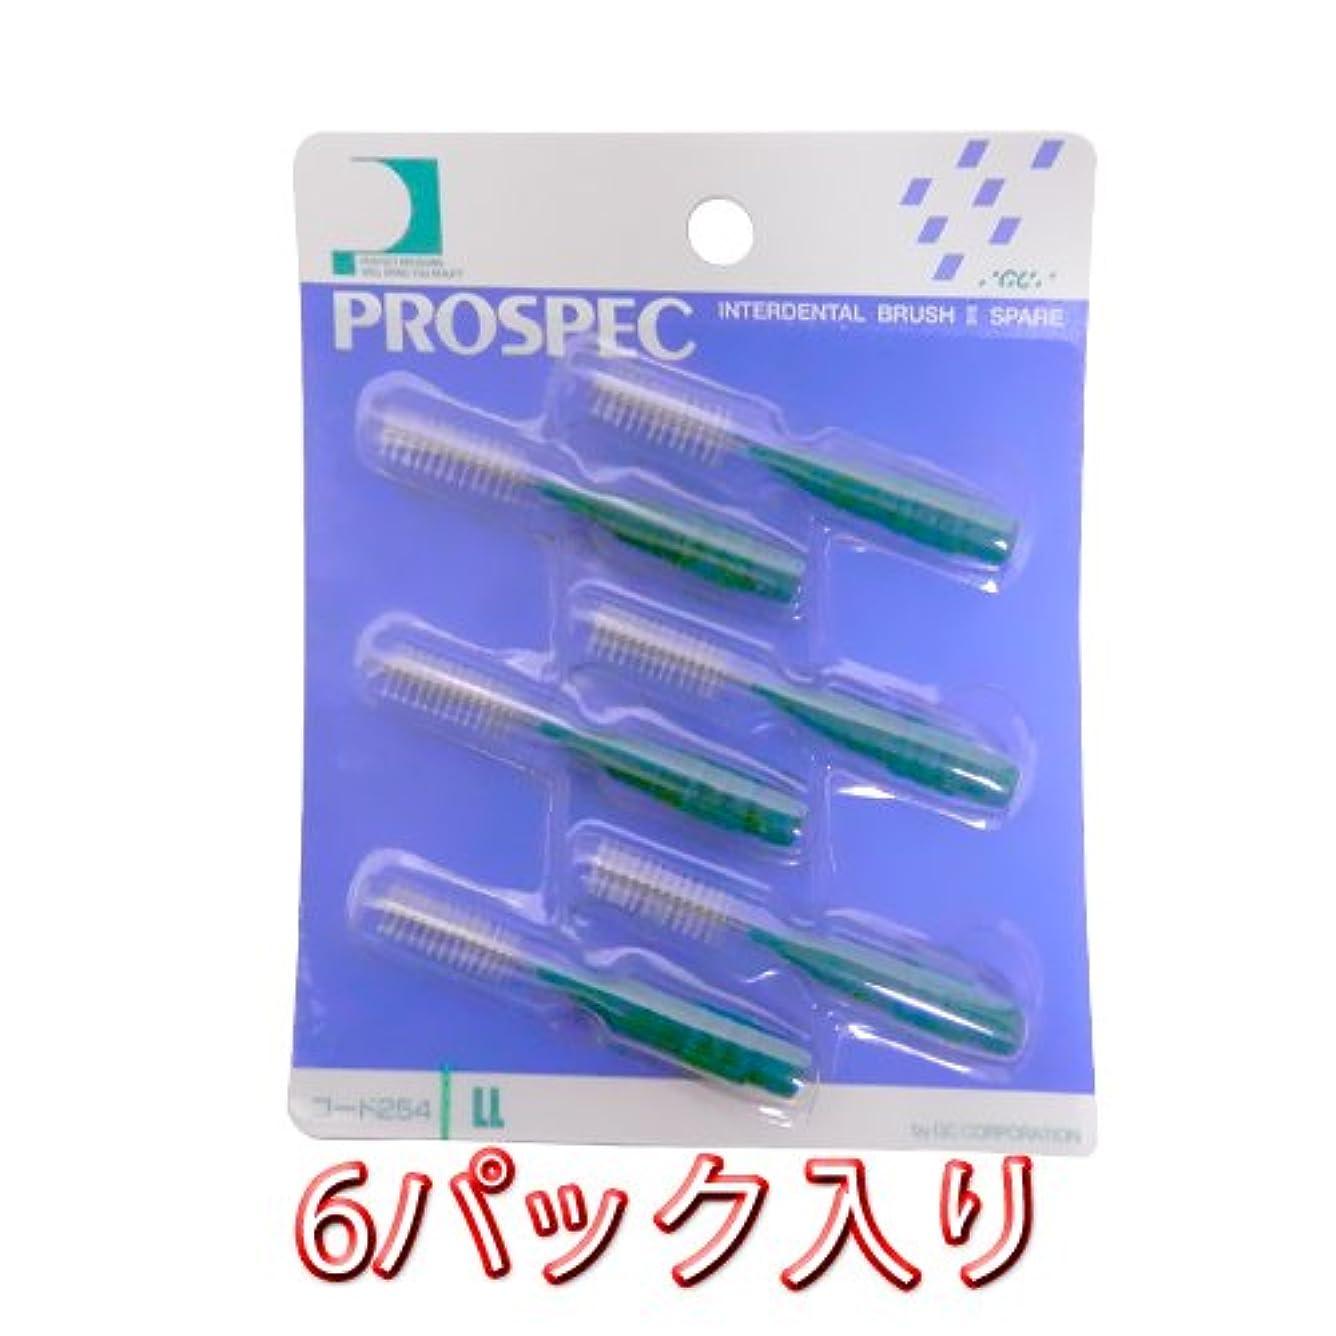 必要勤勉パッチプロスペック 歯間ブラシ 2スペアー ブラシのみ6本入 × 6パック LL グリーン